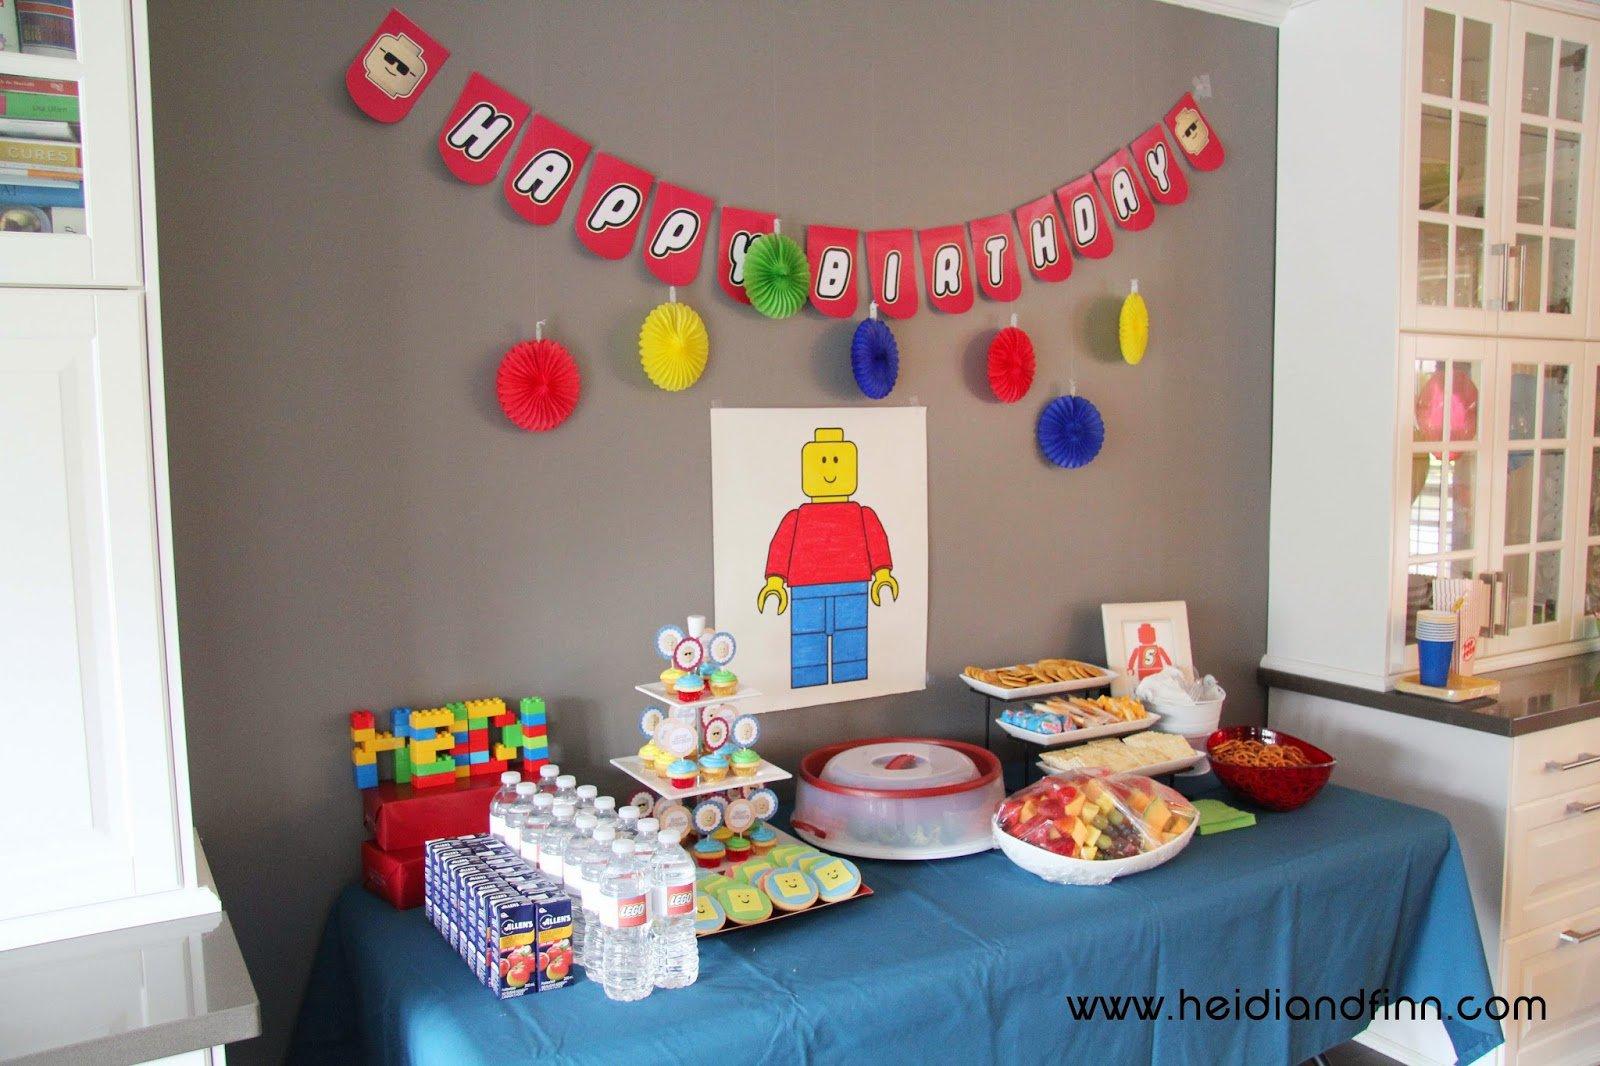 Lego Birthday Party Ideas For 8 Year Old Boy